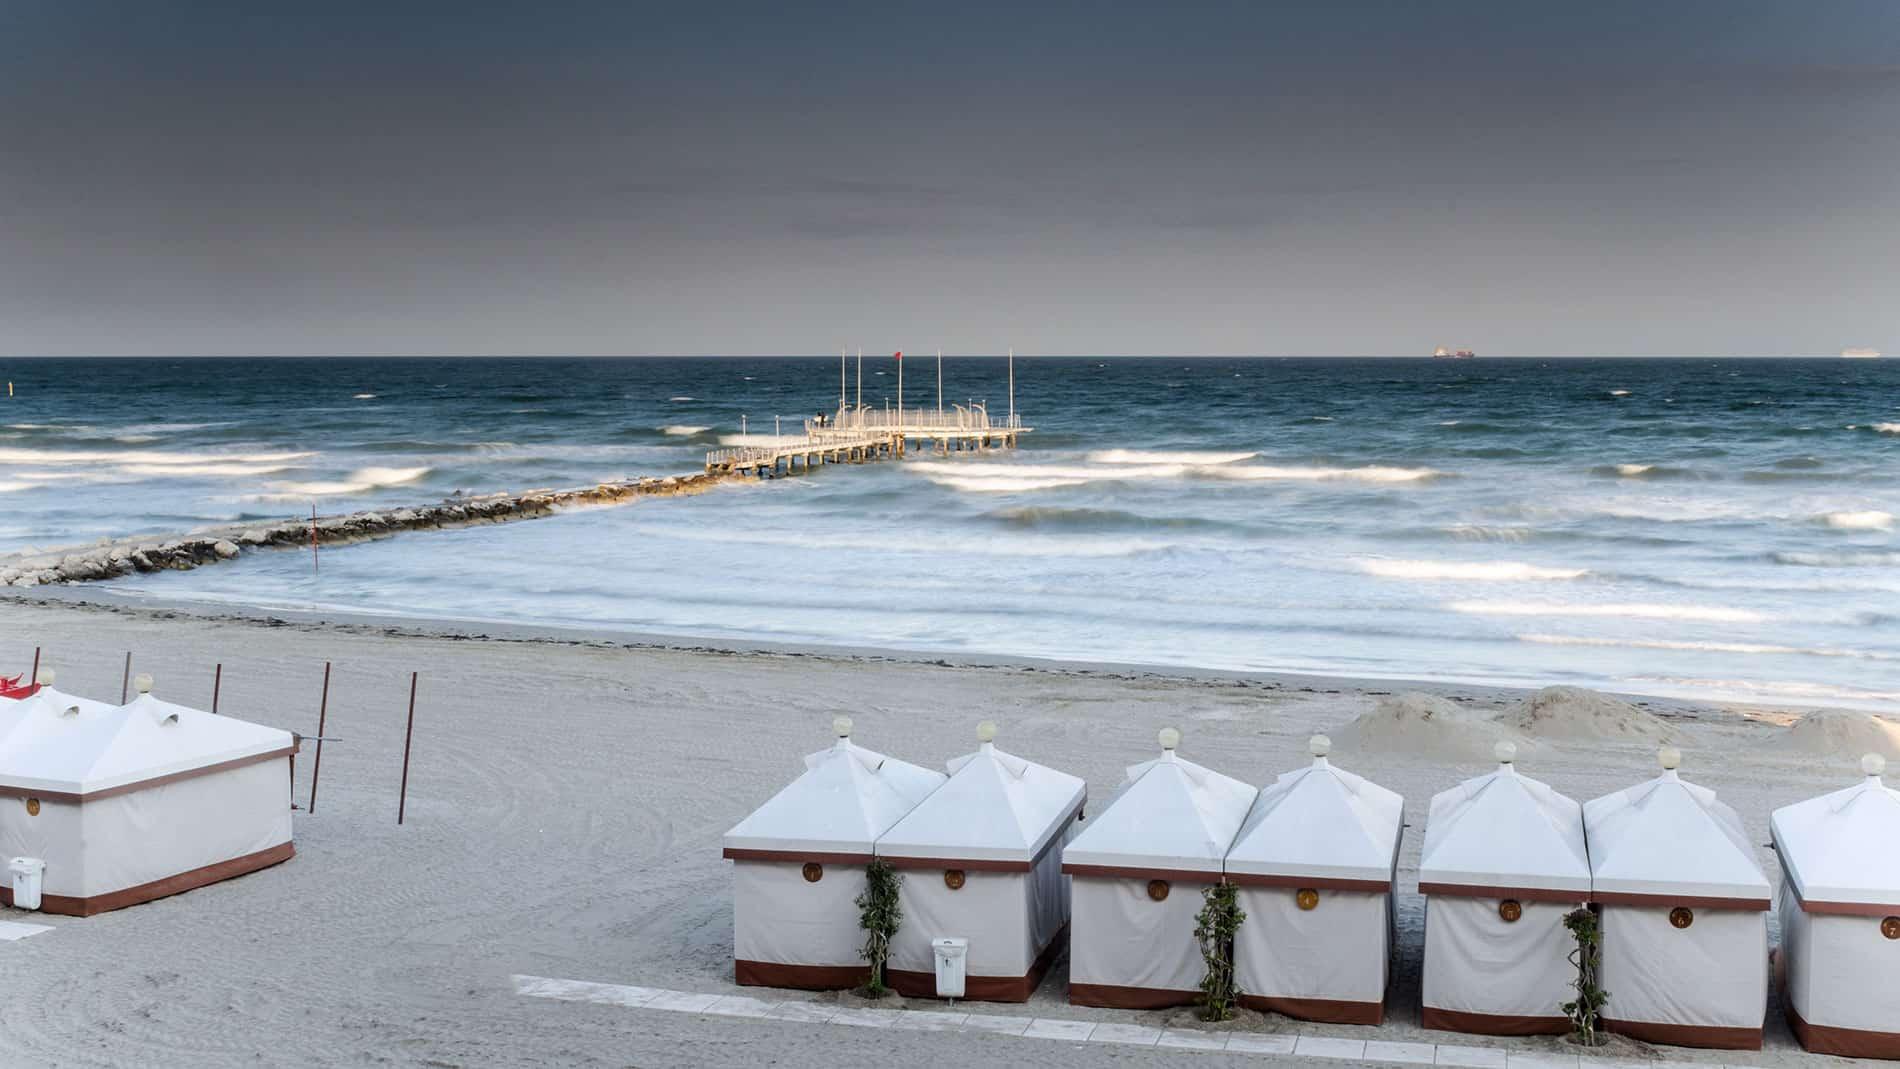 Lido di Venezia: Spiaggia